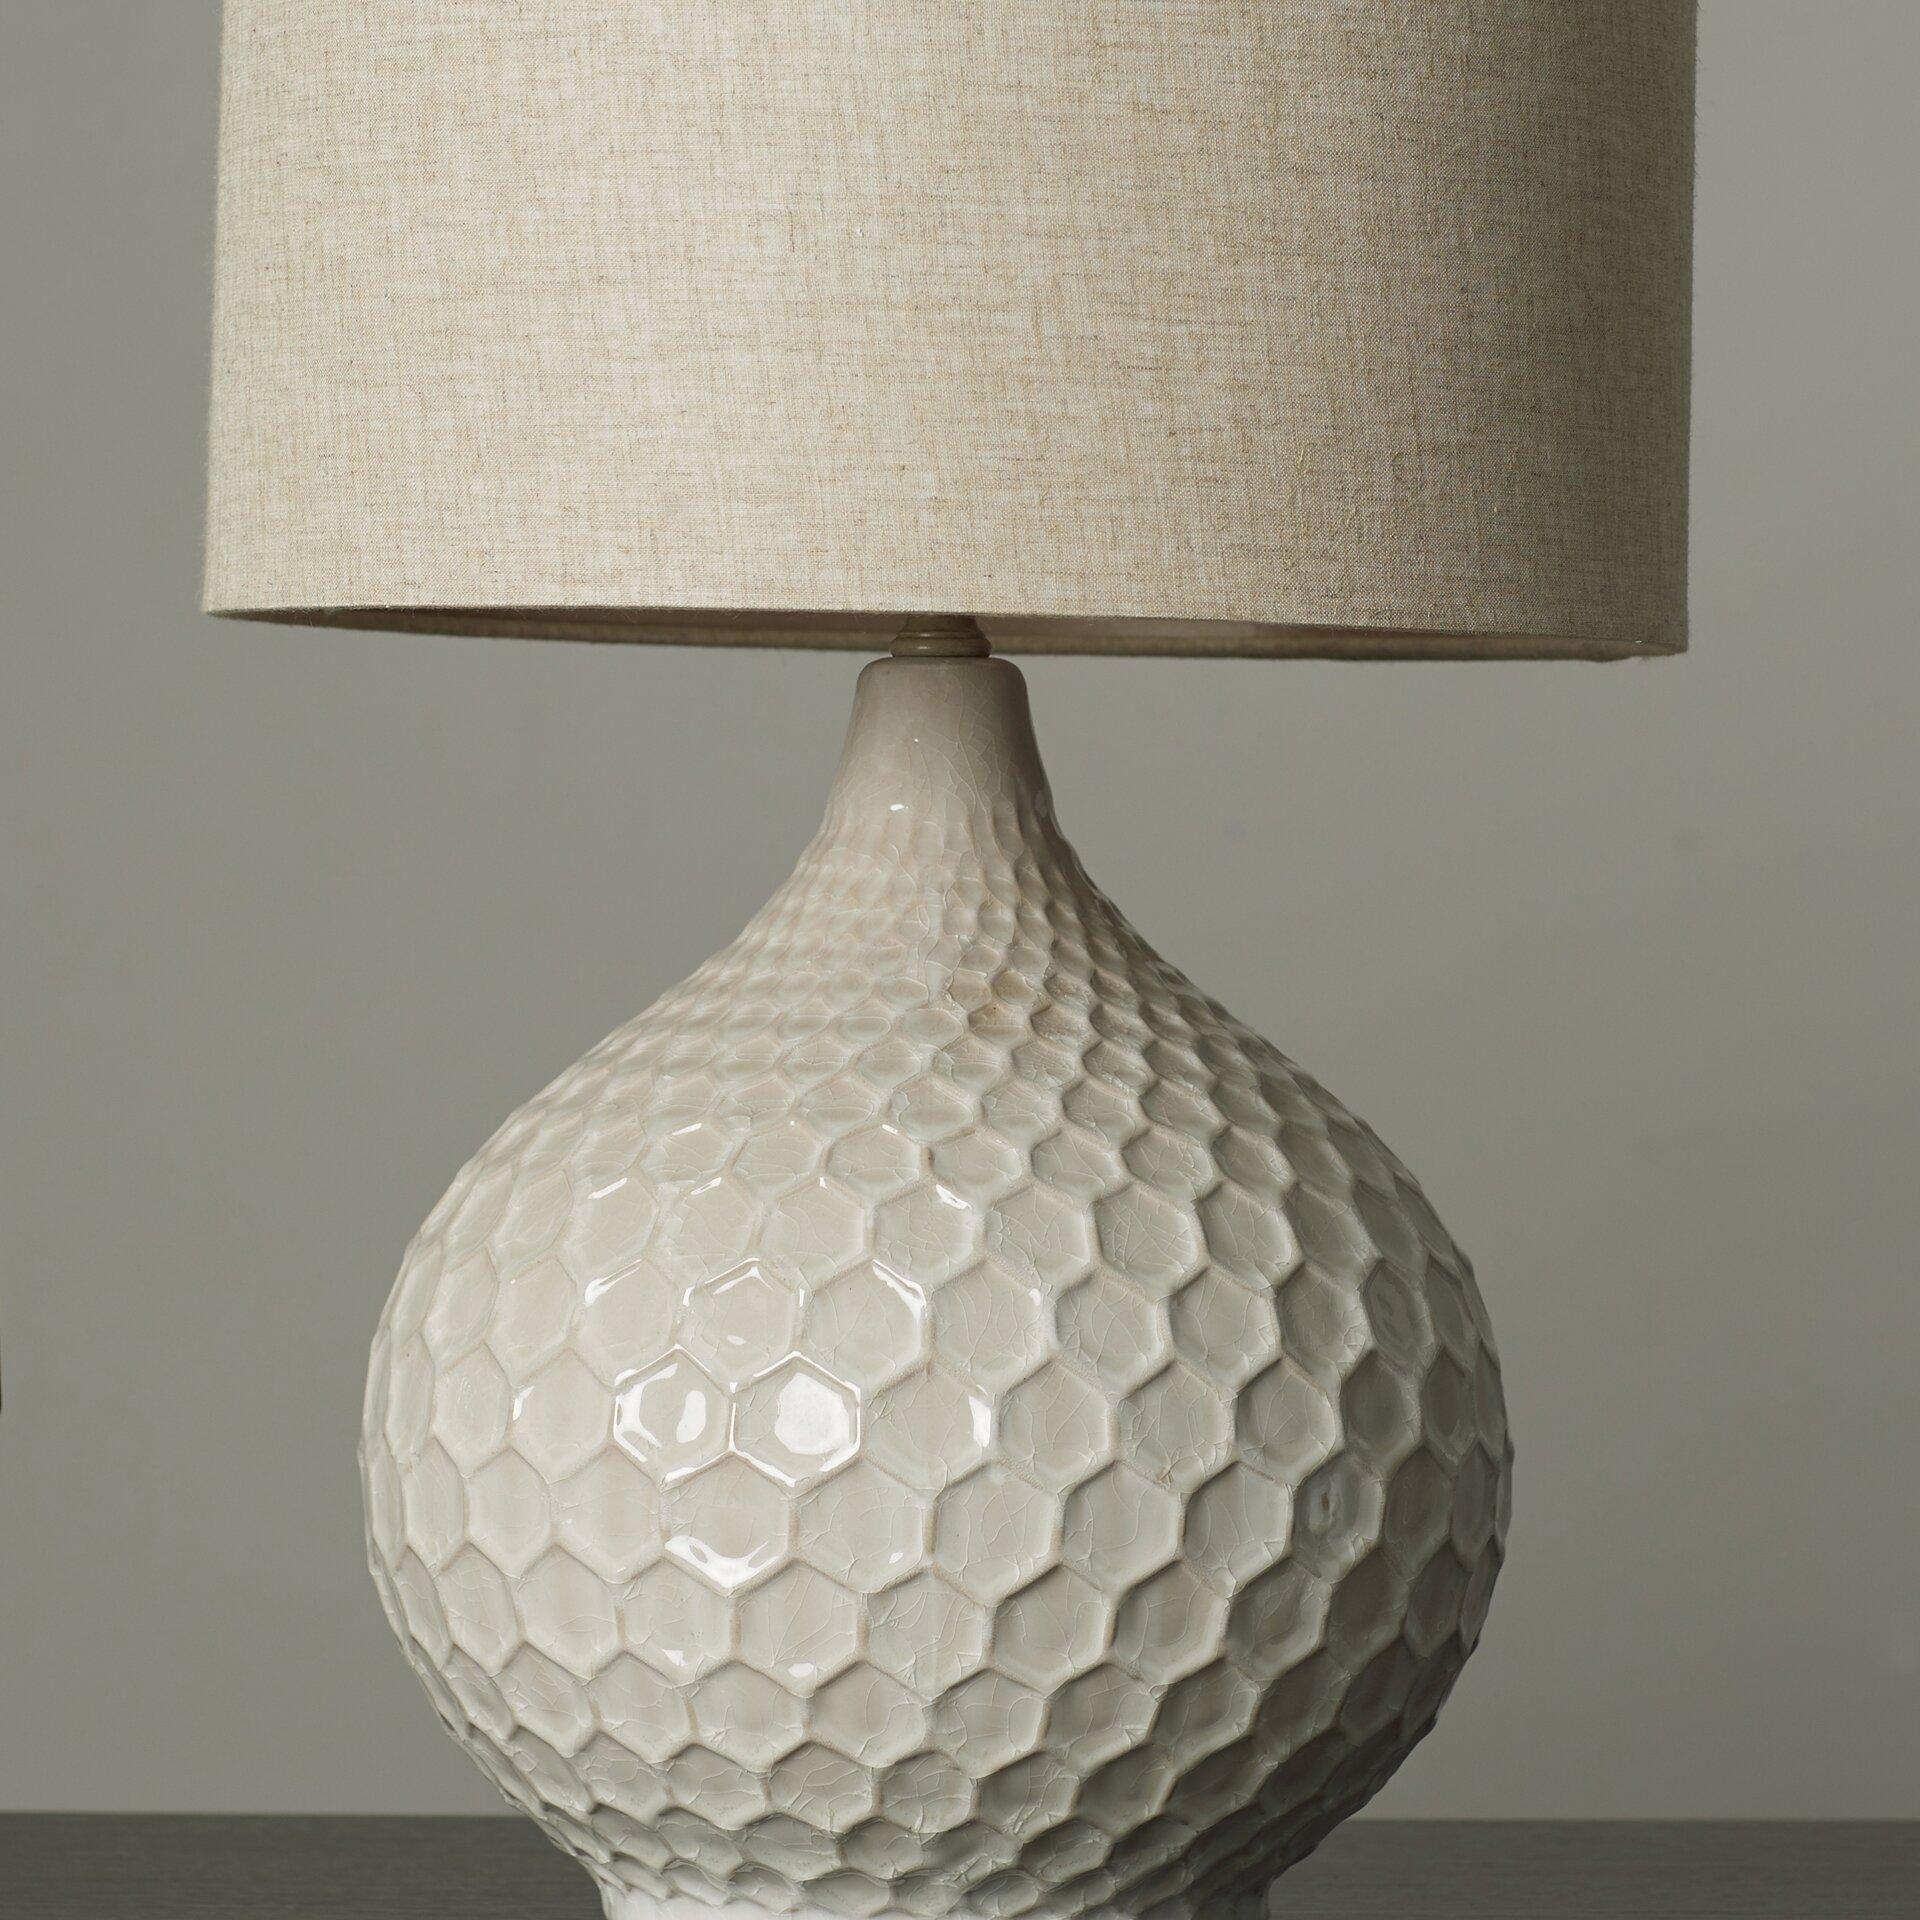 Brayden Studio Aegeus 25 5 Quot Table Lamp Amp Reviews Wayfair Ca